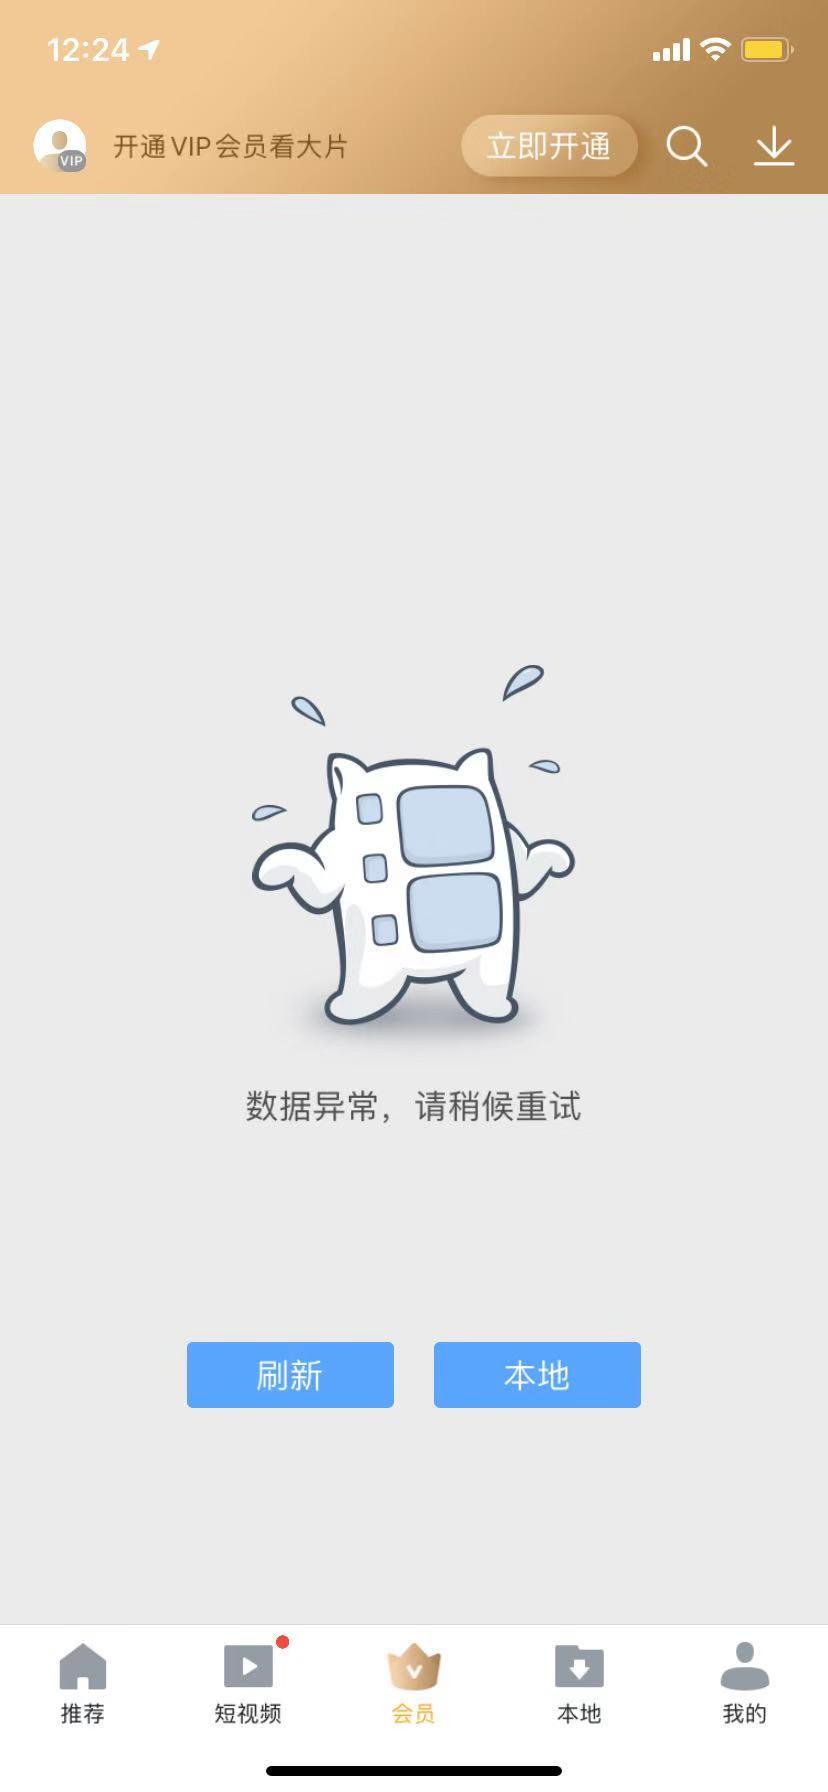 北京pk十彩票开奖数据有假吗-胎位不正后果不可忽视,提前做好预防,让宝宝顺利见爸妈!